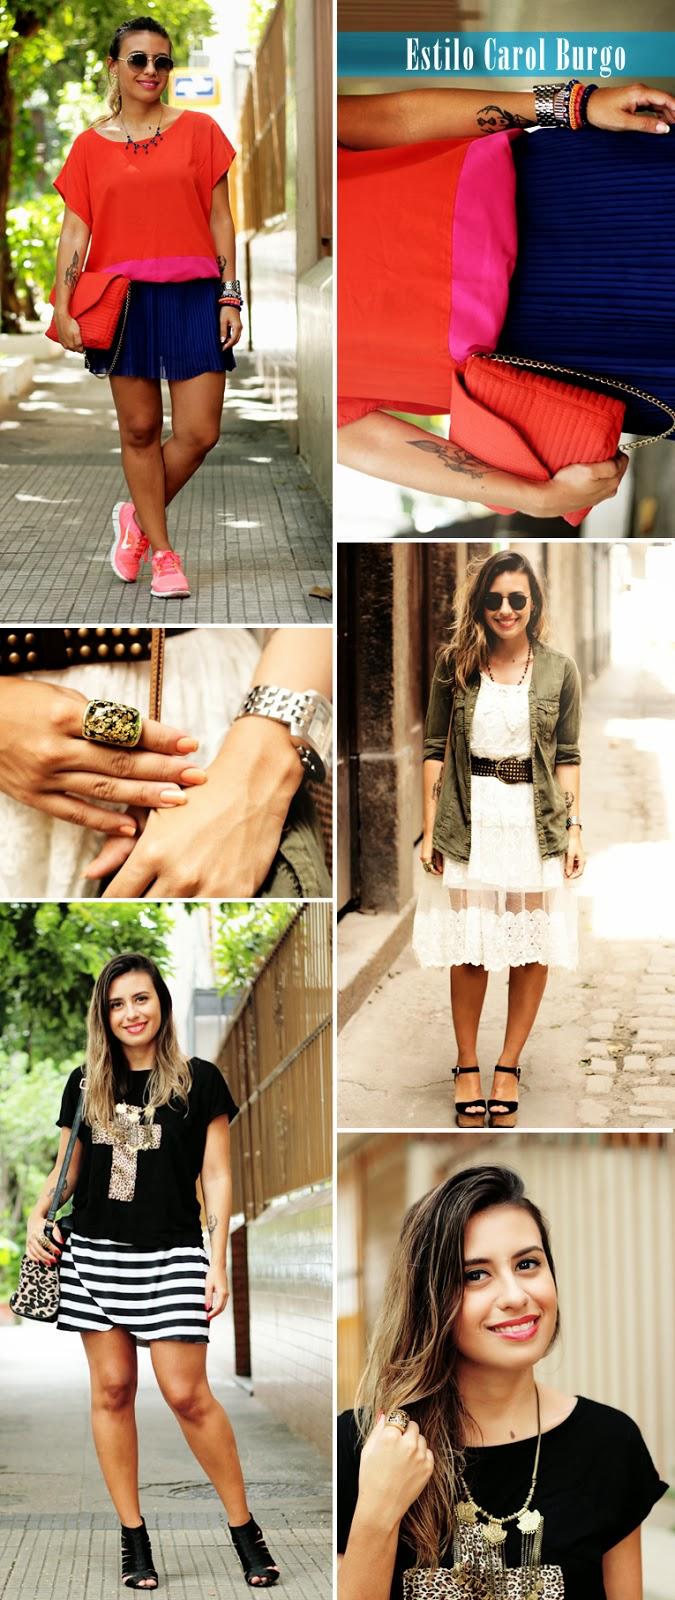 Carol Burgo, joinville, blogger, blogueira, fashion, style, moda, estilo